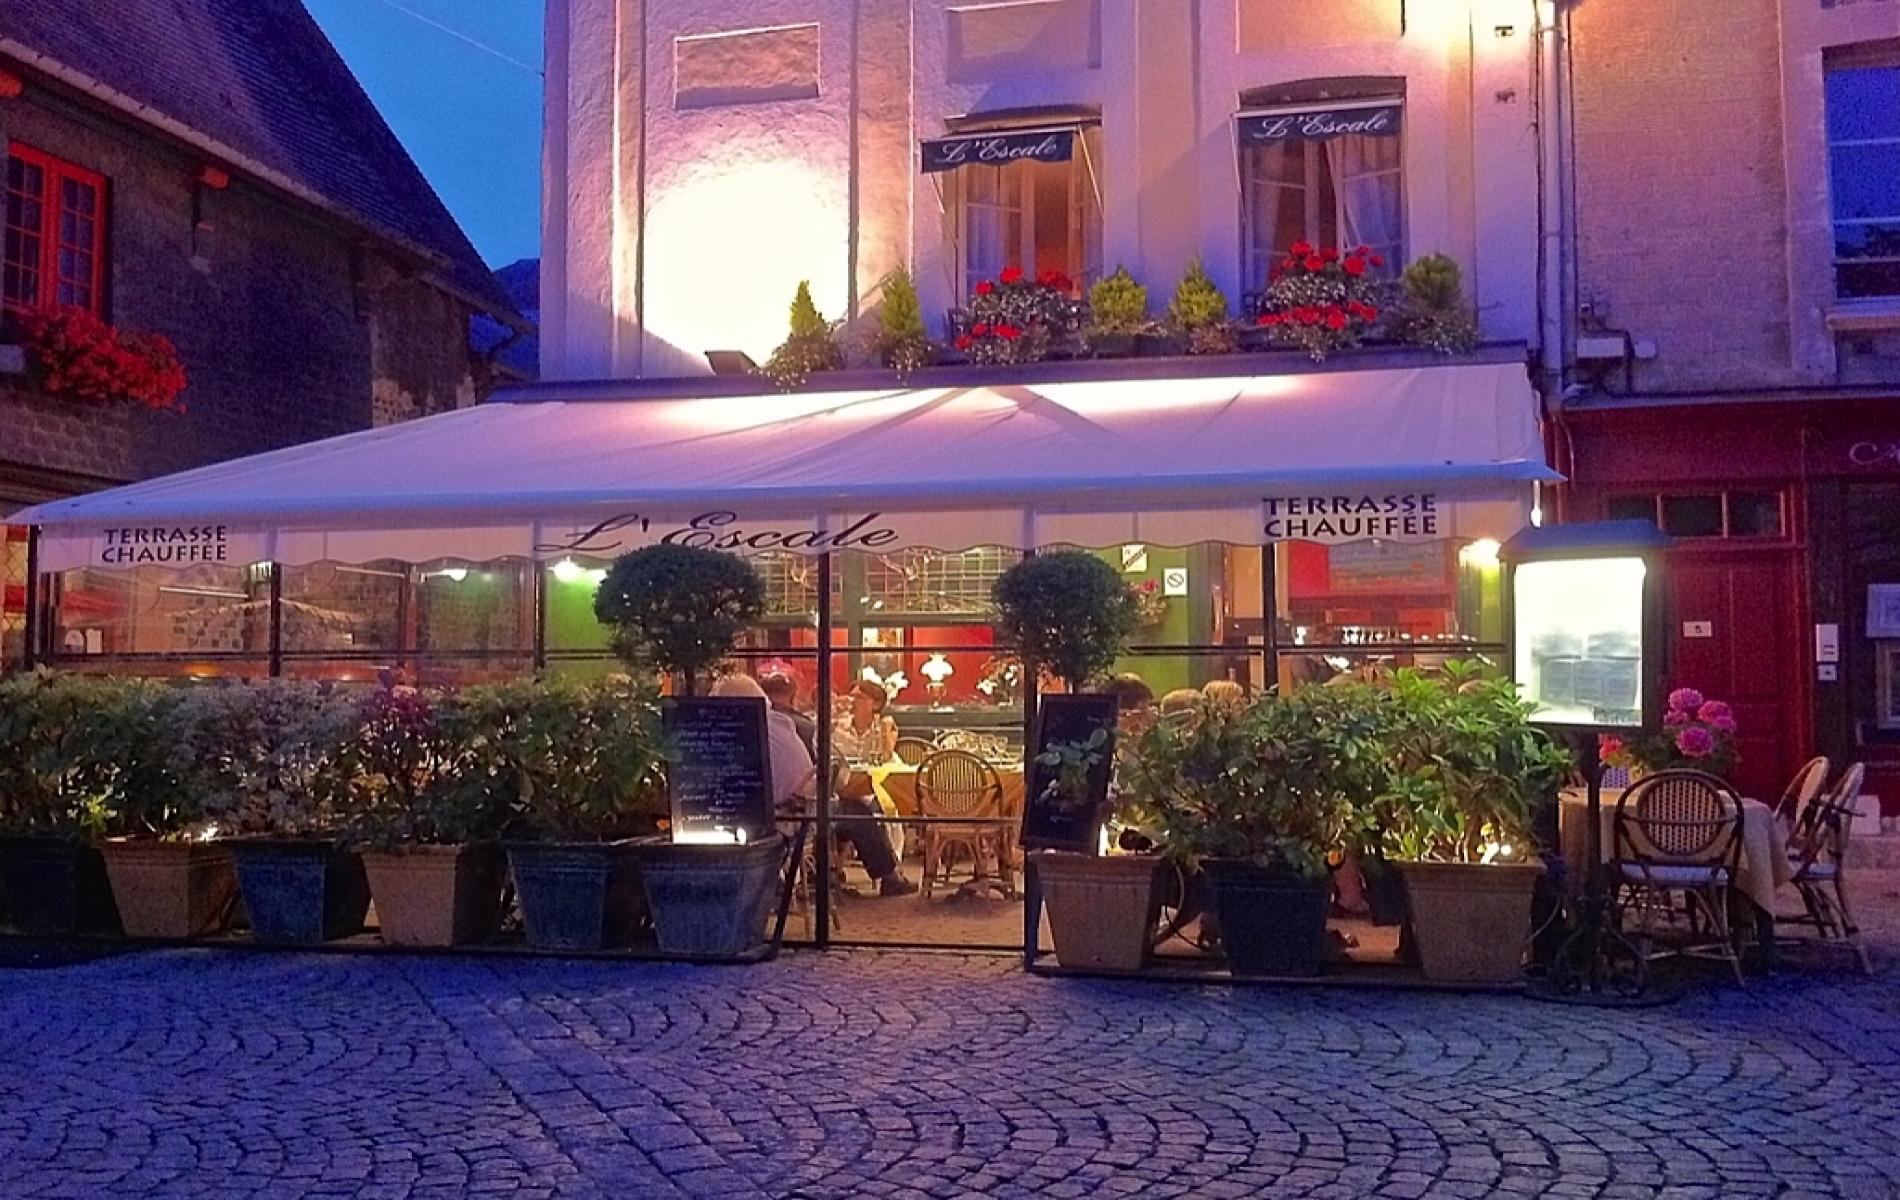 Terrasse sur la place Arthur BOUDIN du restaurant